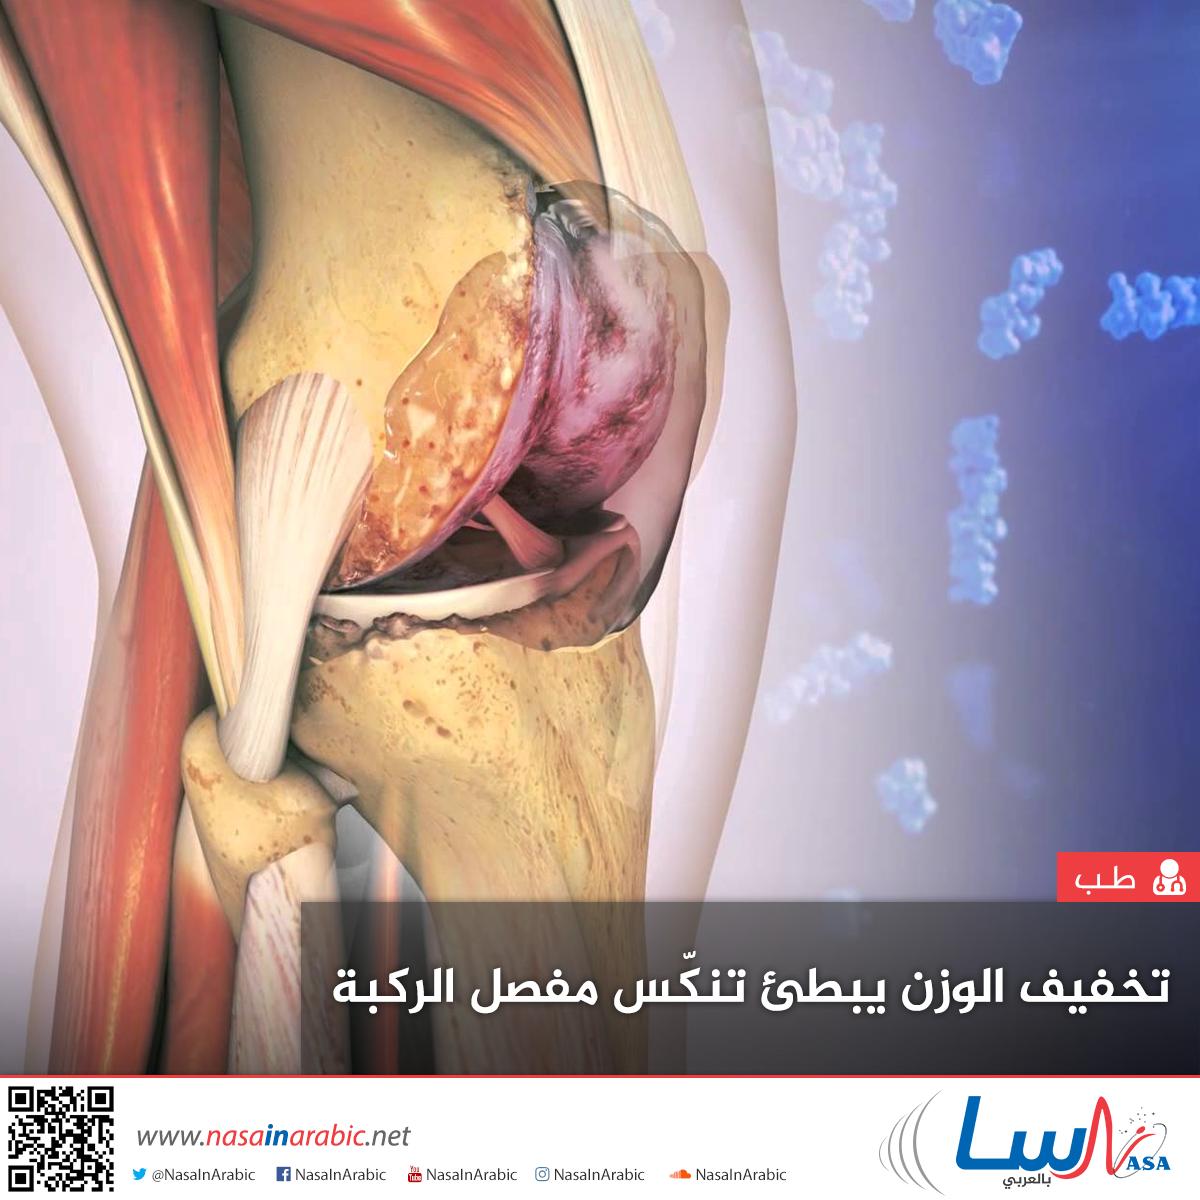 تخفيف الوزن يبطئ تنكس مفصل الركبة